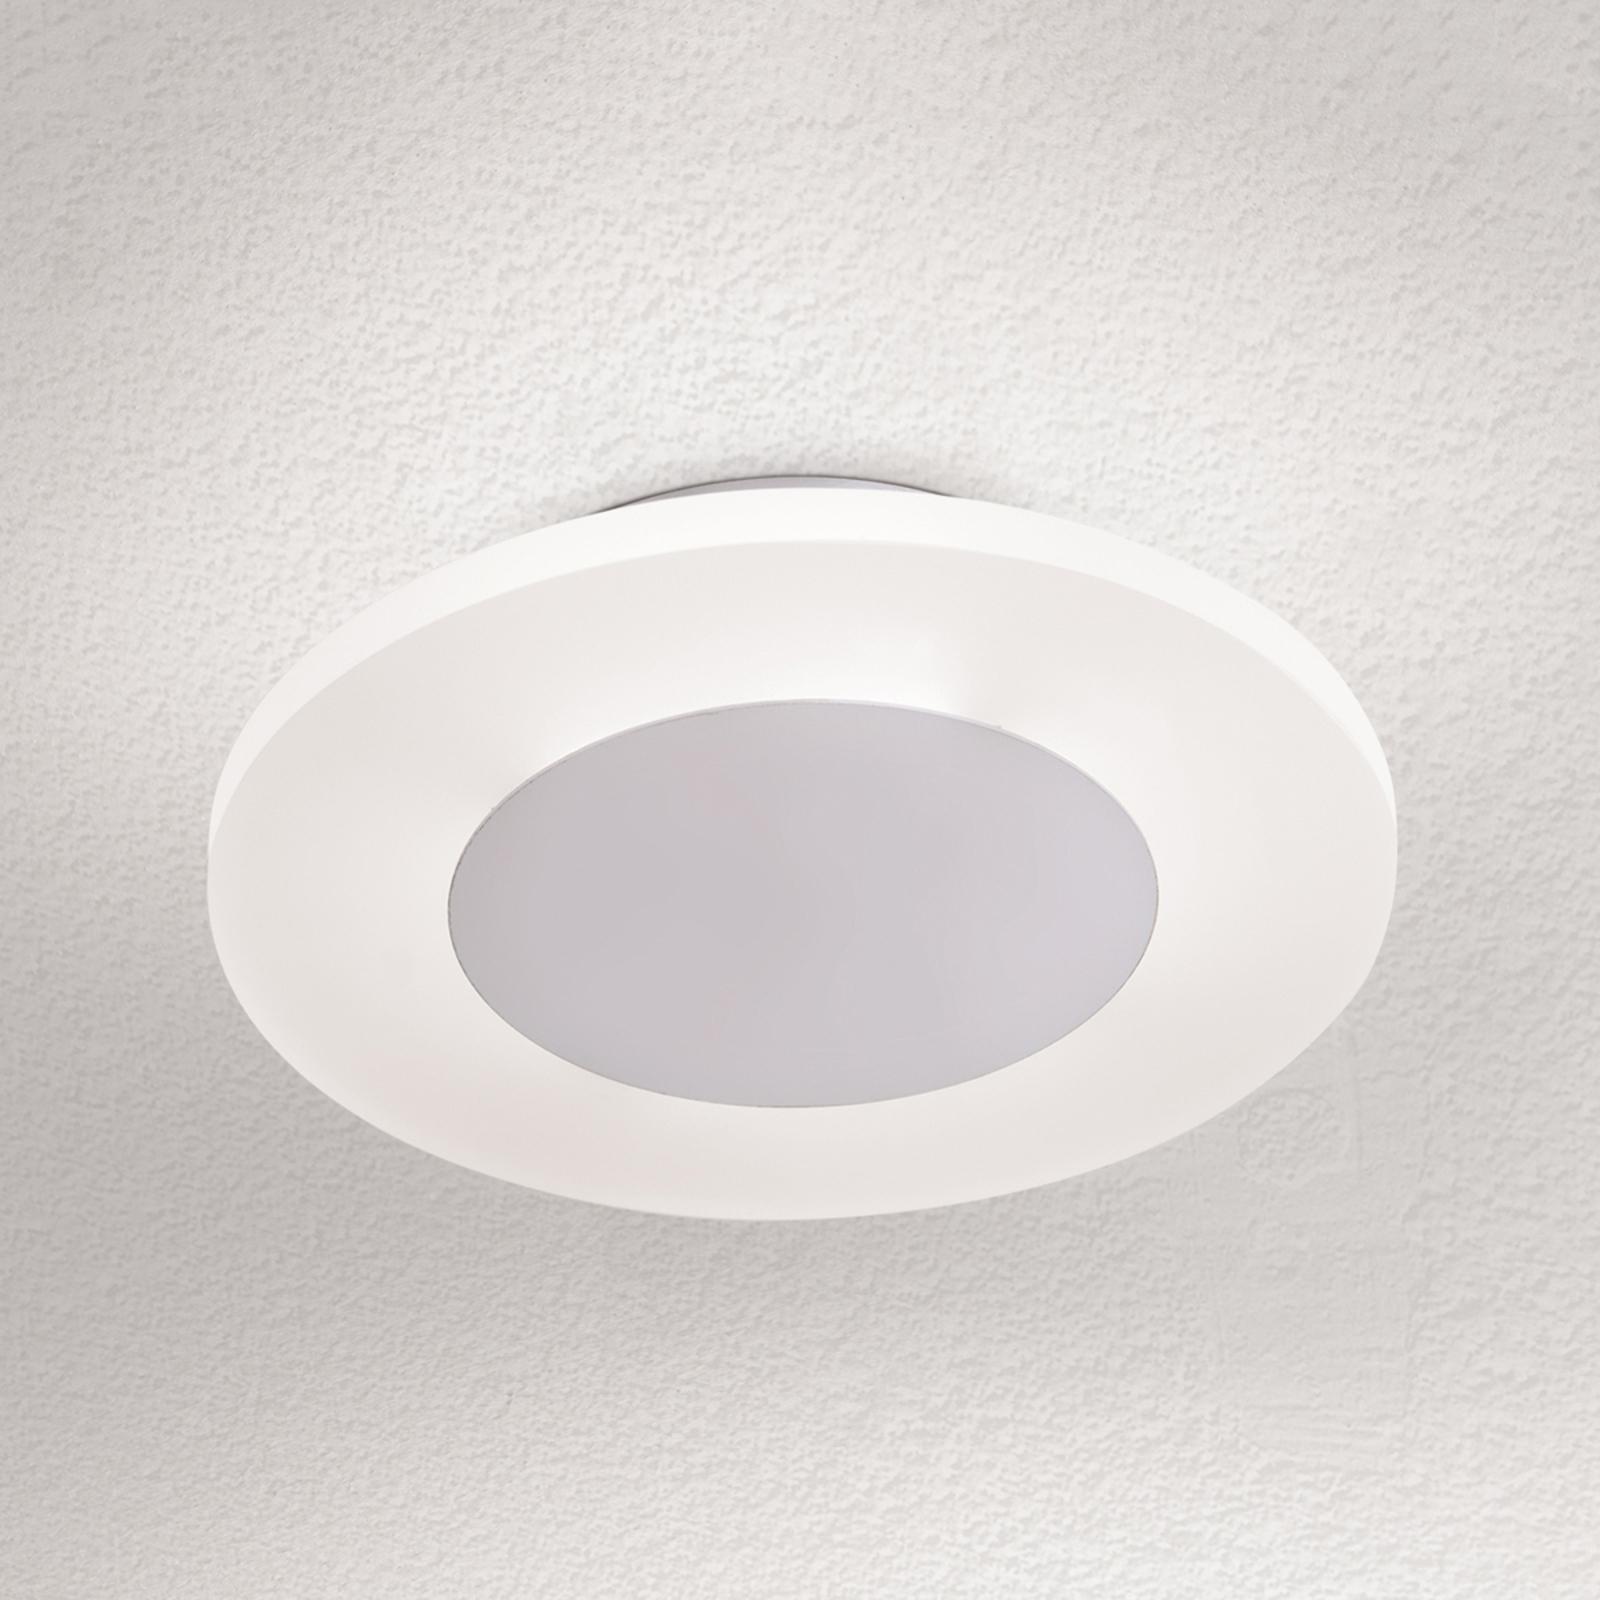 LED-Deckenleuchte Karia rund 20 cm